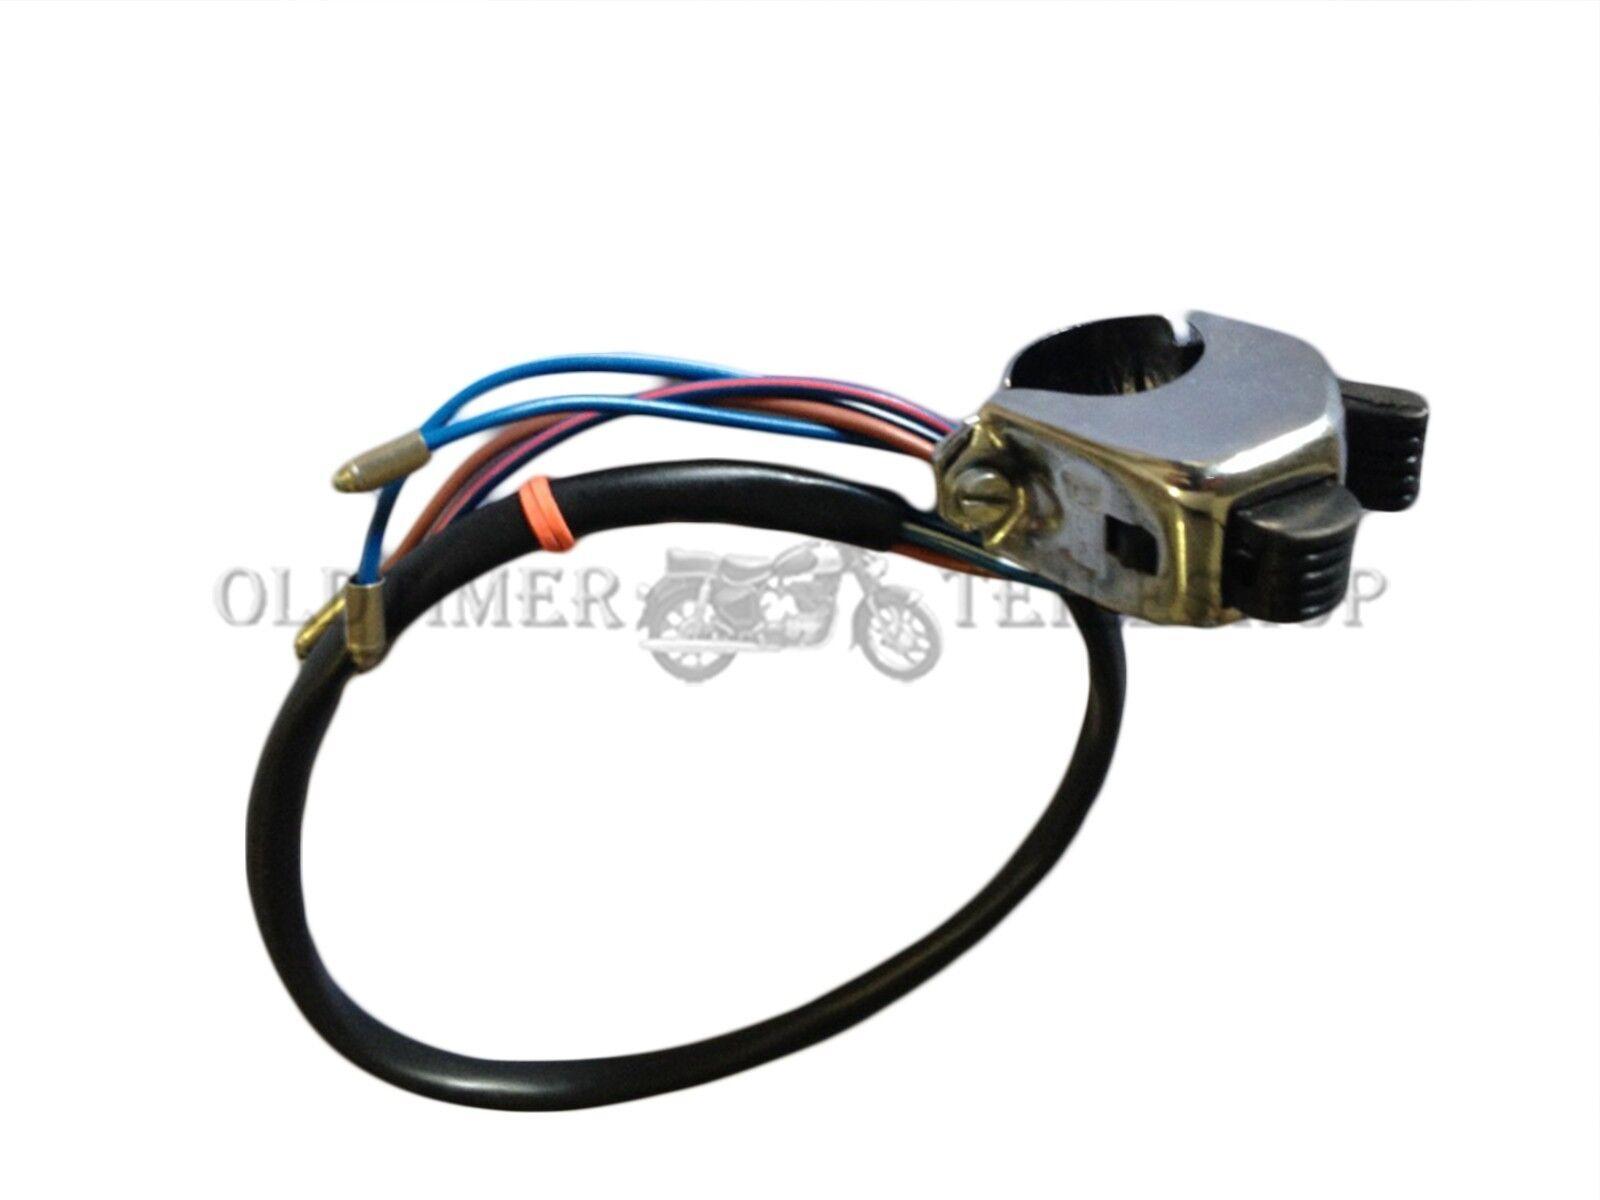 Interruptor luz de cruce peque o con bot n bocina para tcs - Interruptor de cruce ...